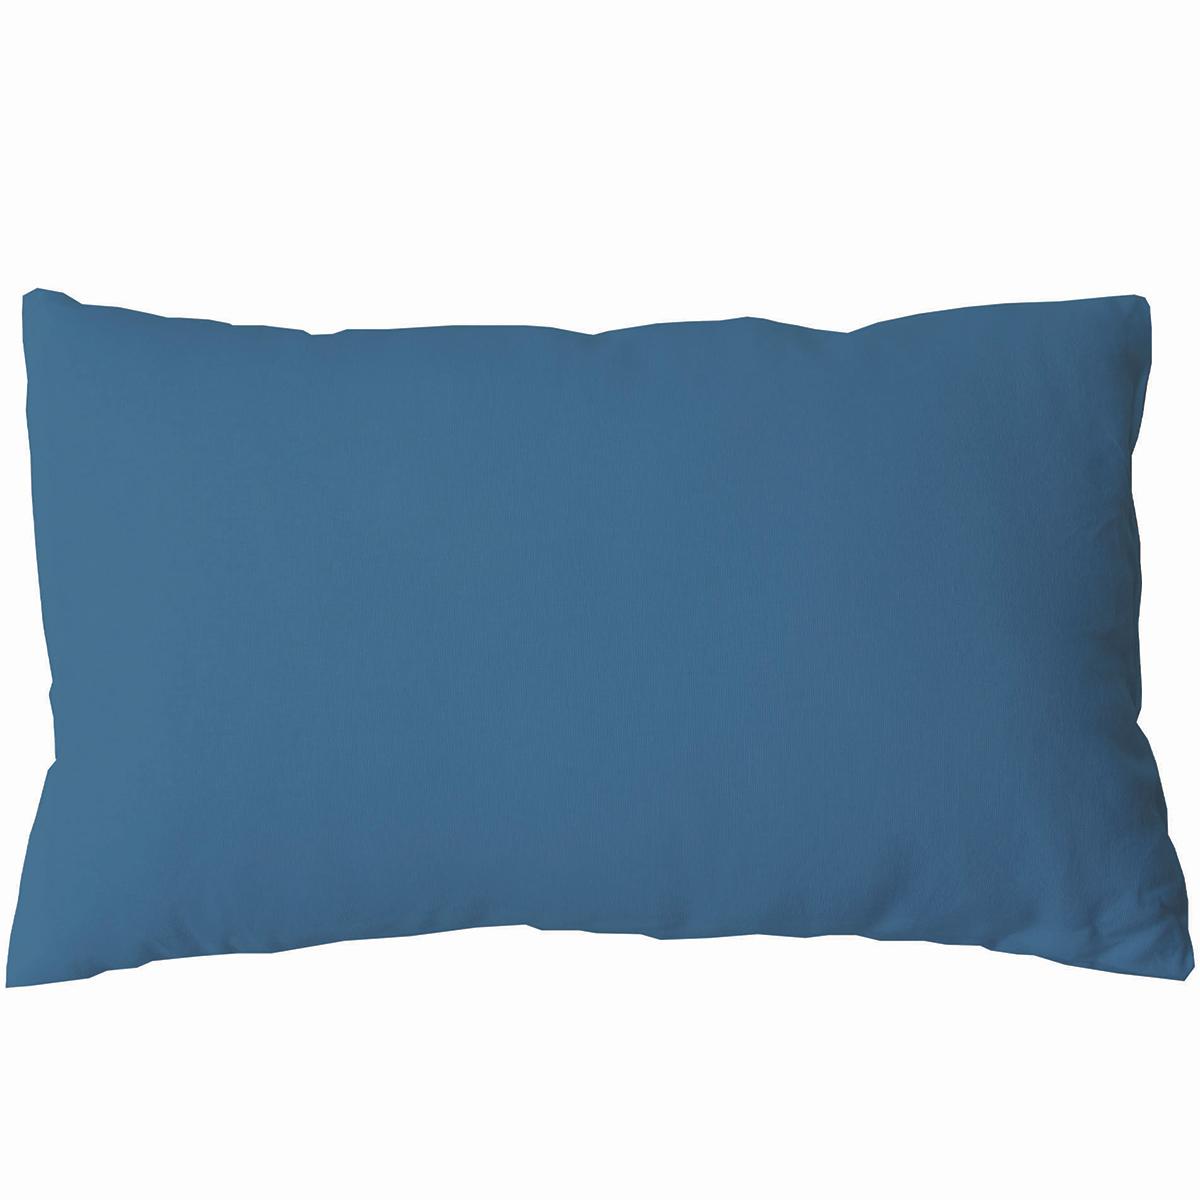 Coussin non déhoussable en coton uni  (Bleu sud)